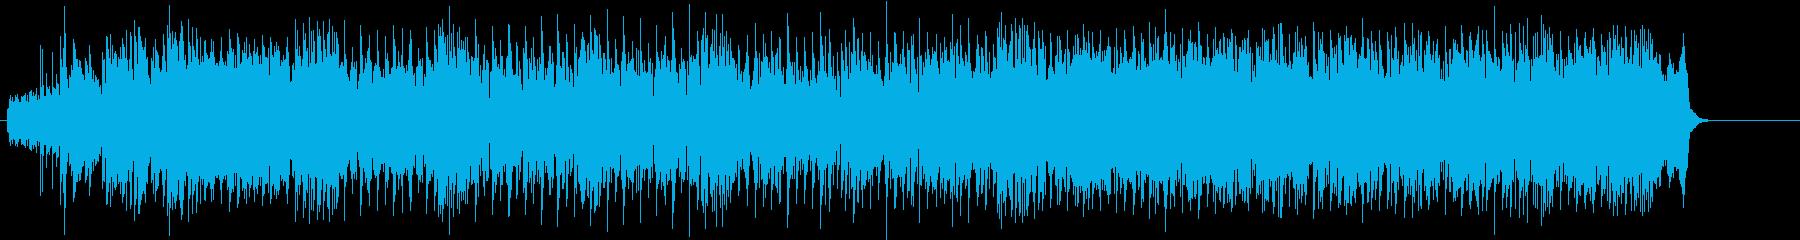 歌謡チックなインダストリアル・ポップの再生済みの波形